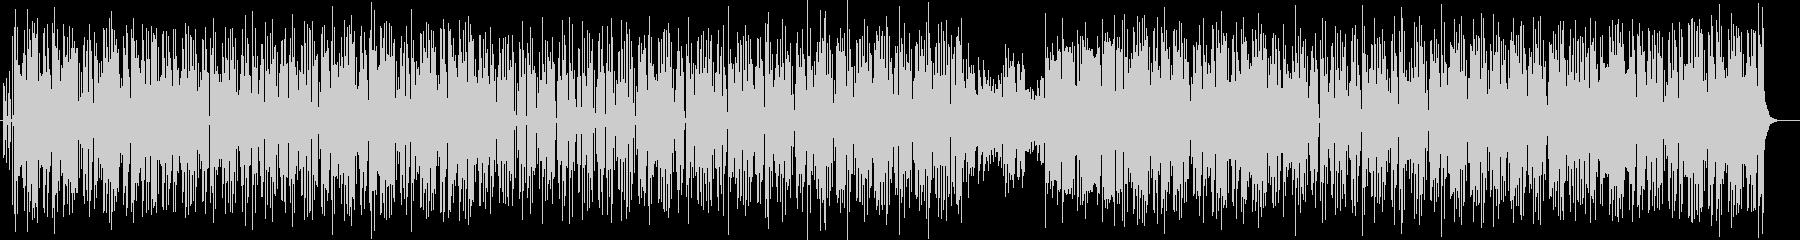 ちょっぴりおとぼけ系のコミカル曲の未再生の波形